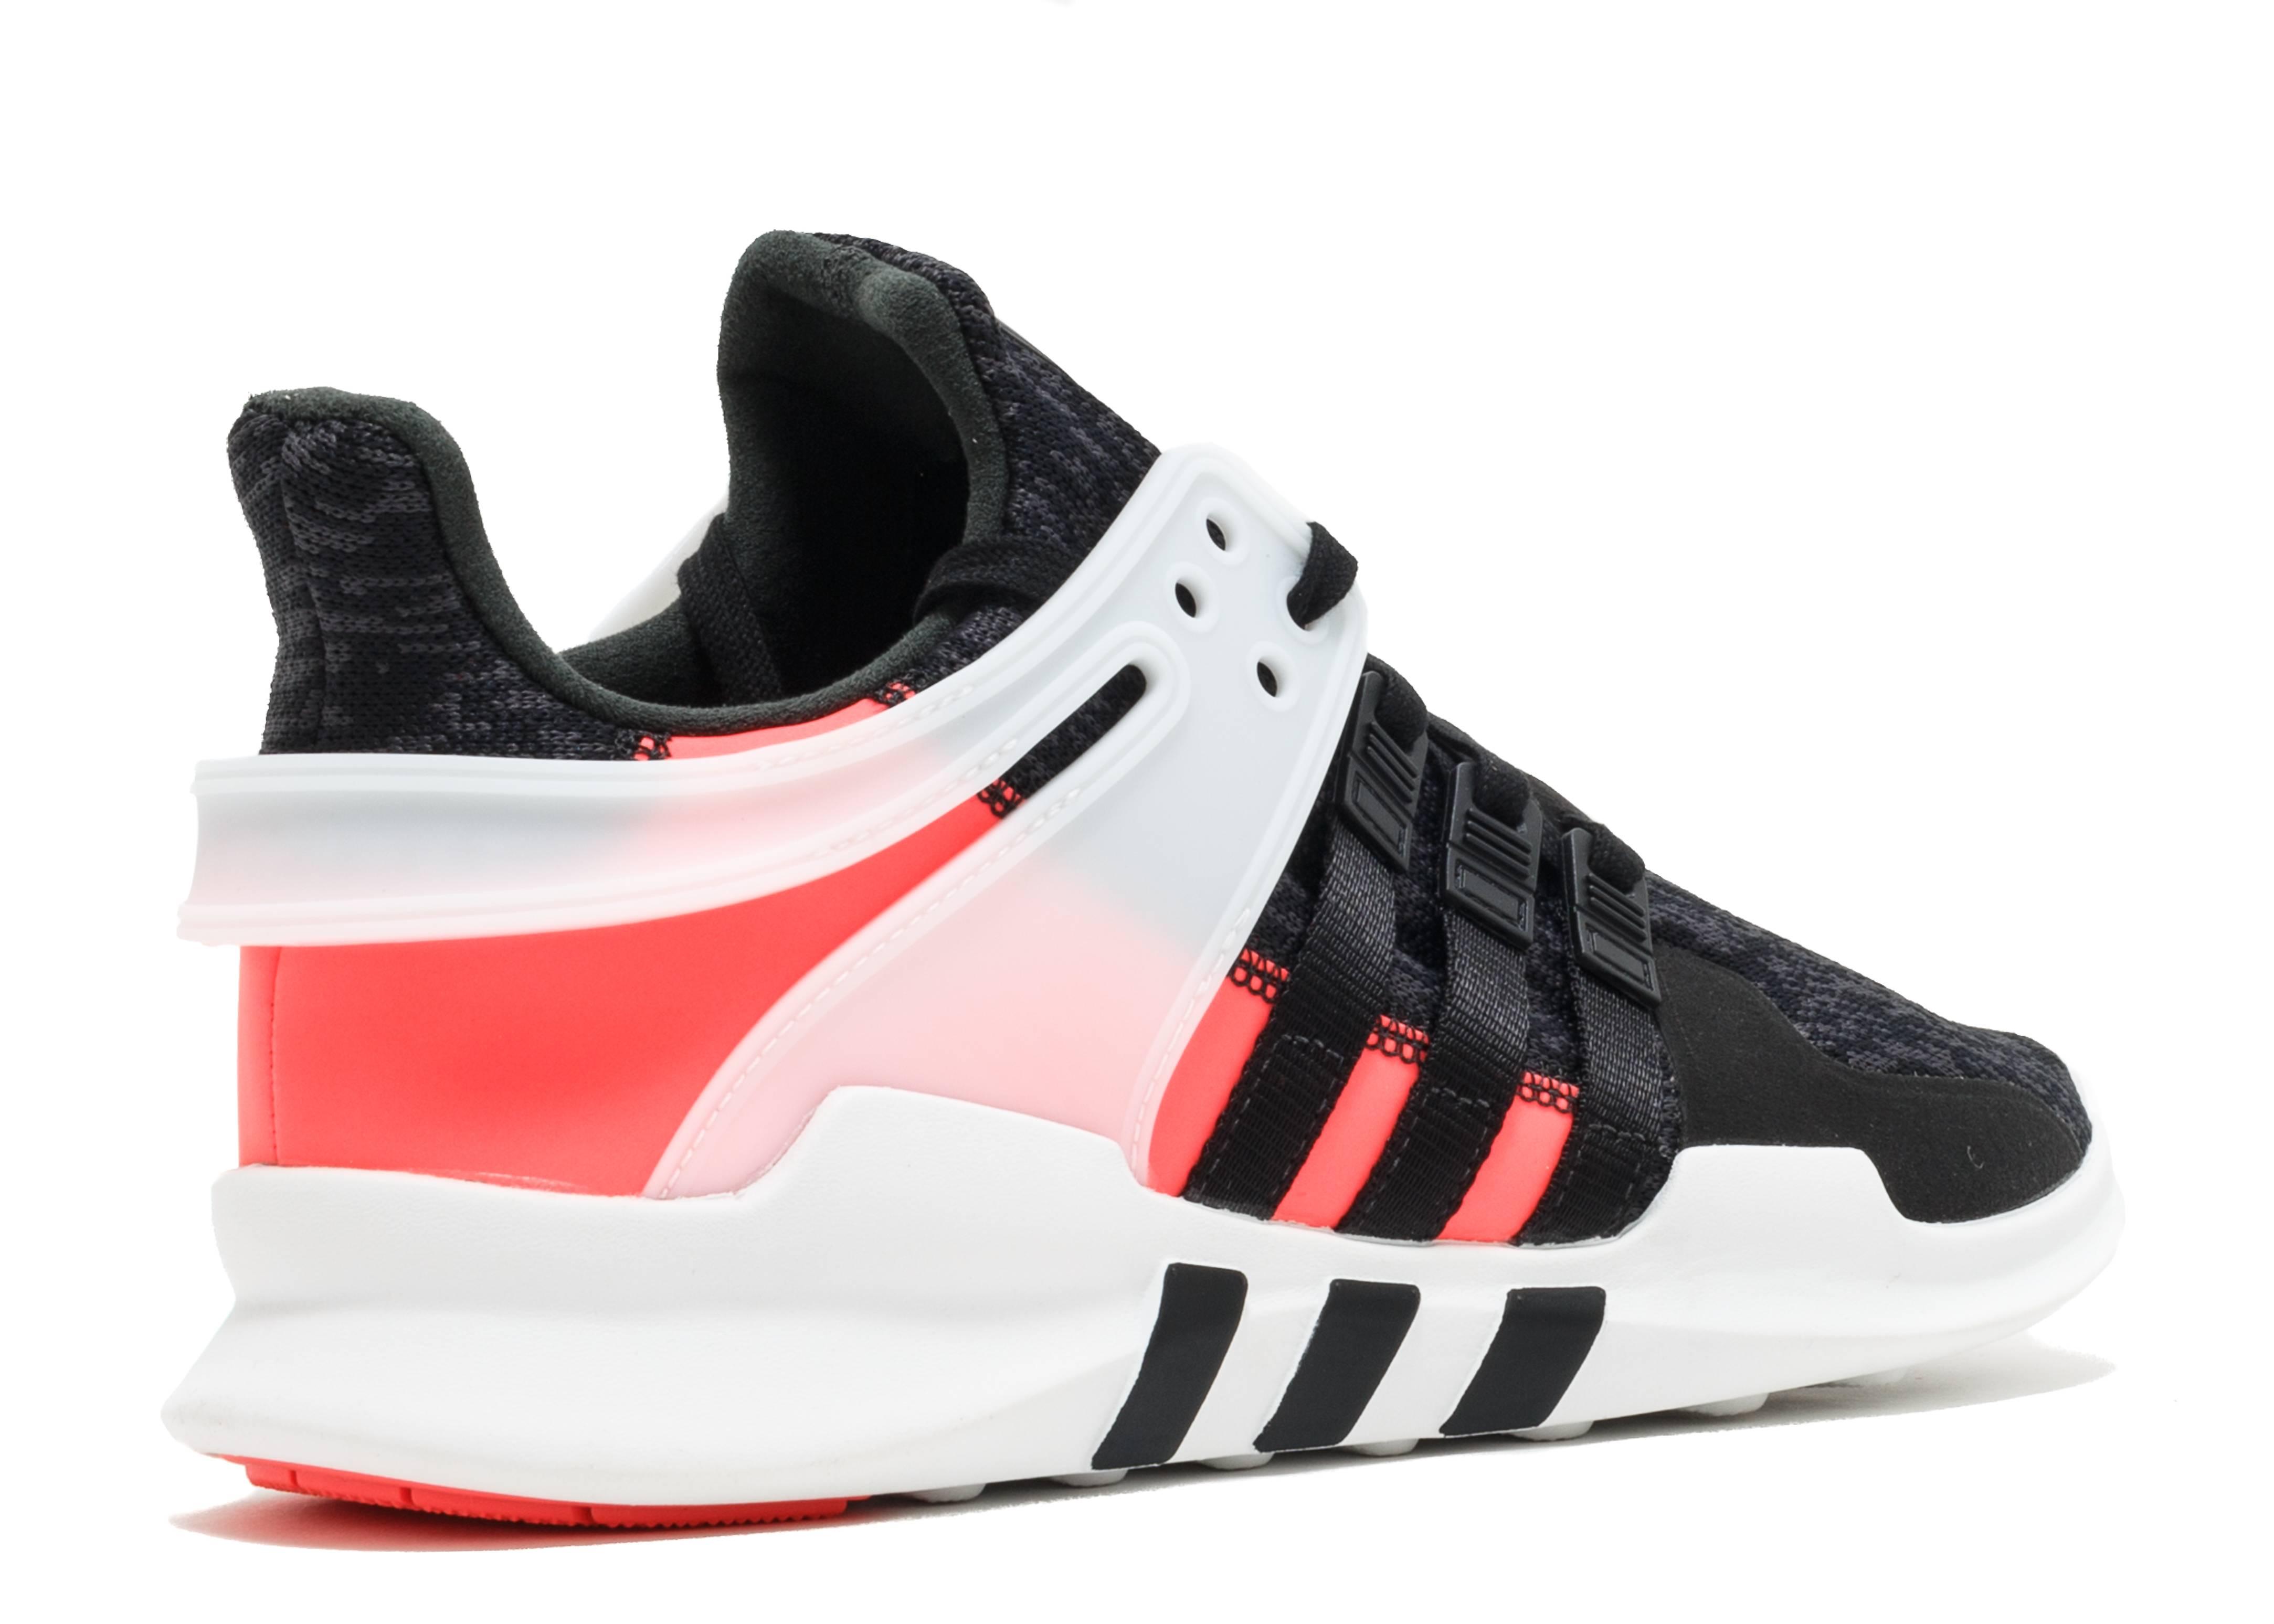 Adidas EQT ADV Persona Premium Goods